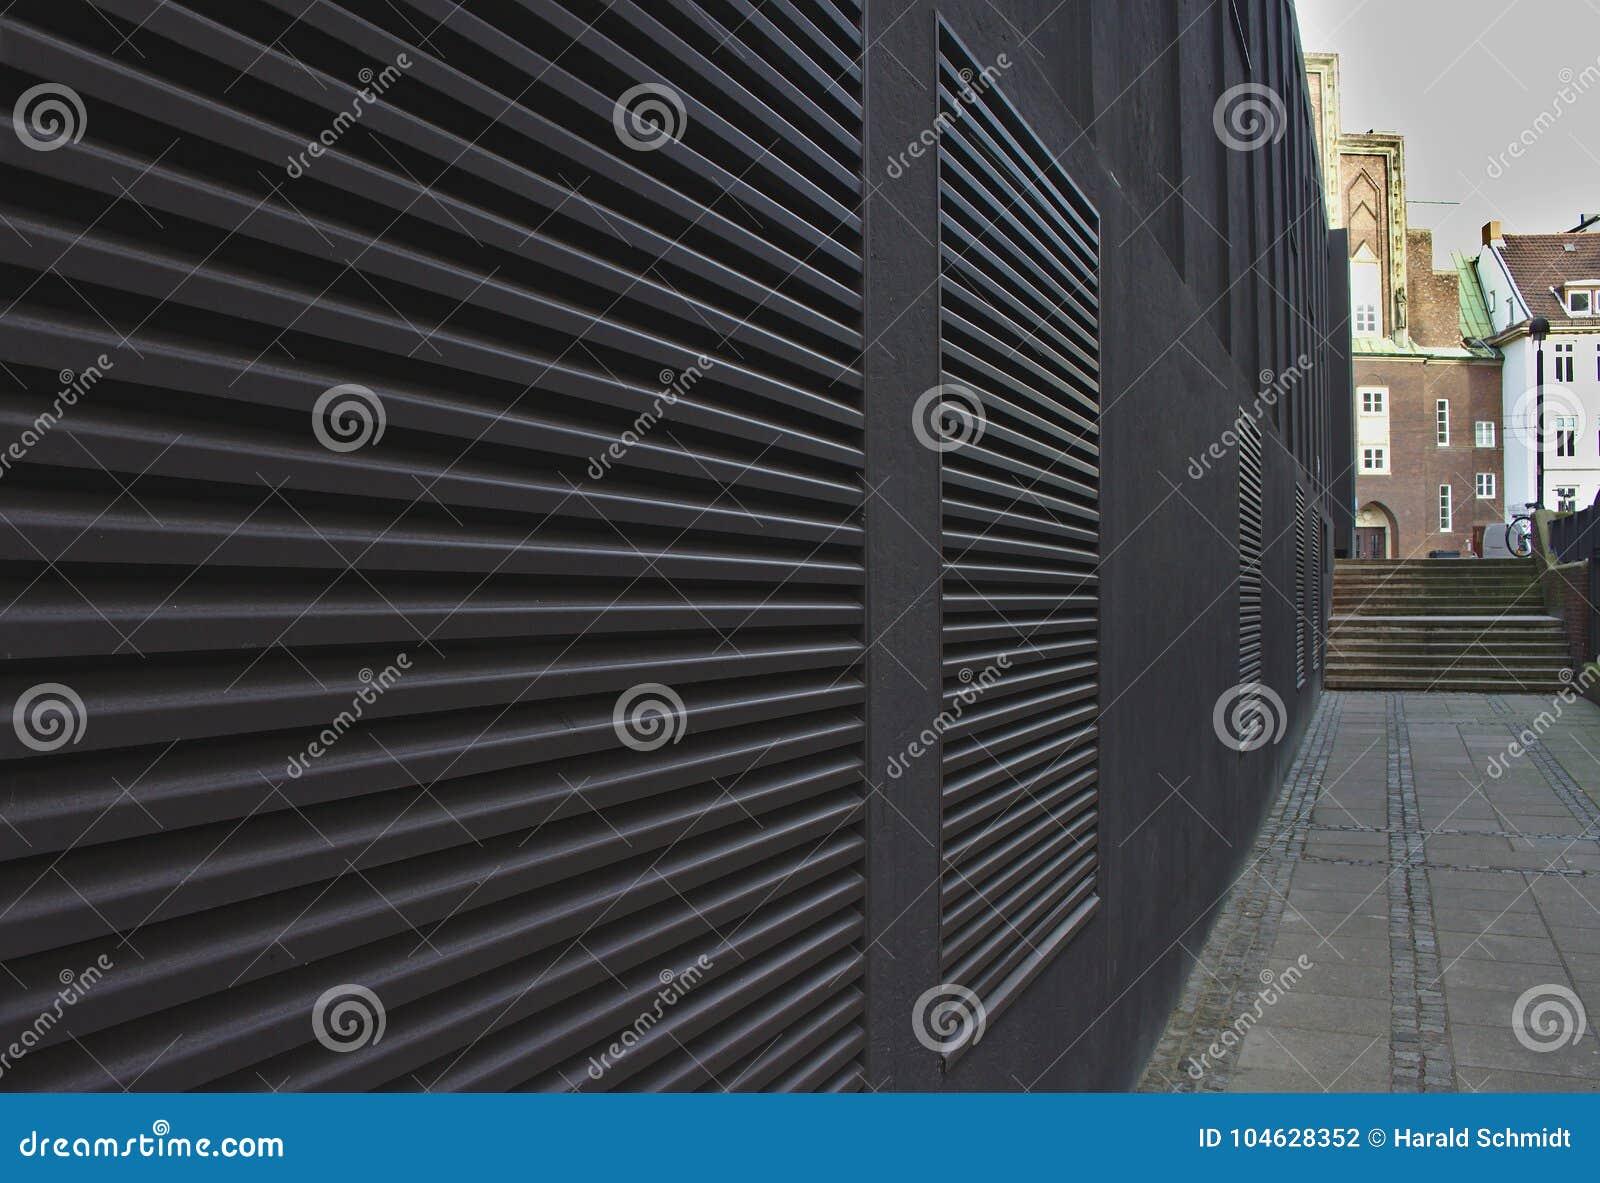 Download Stoep En Zwarte Muur Met Grote Airconditioningsopeningen Die Convergerende Lijnen Vormen Die Naar Verre Stappen Leiden Stock Foto - Afbeelding bestaande uit bremen, geometrisch: 104628352